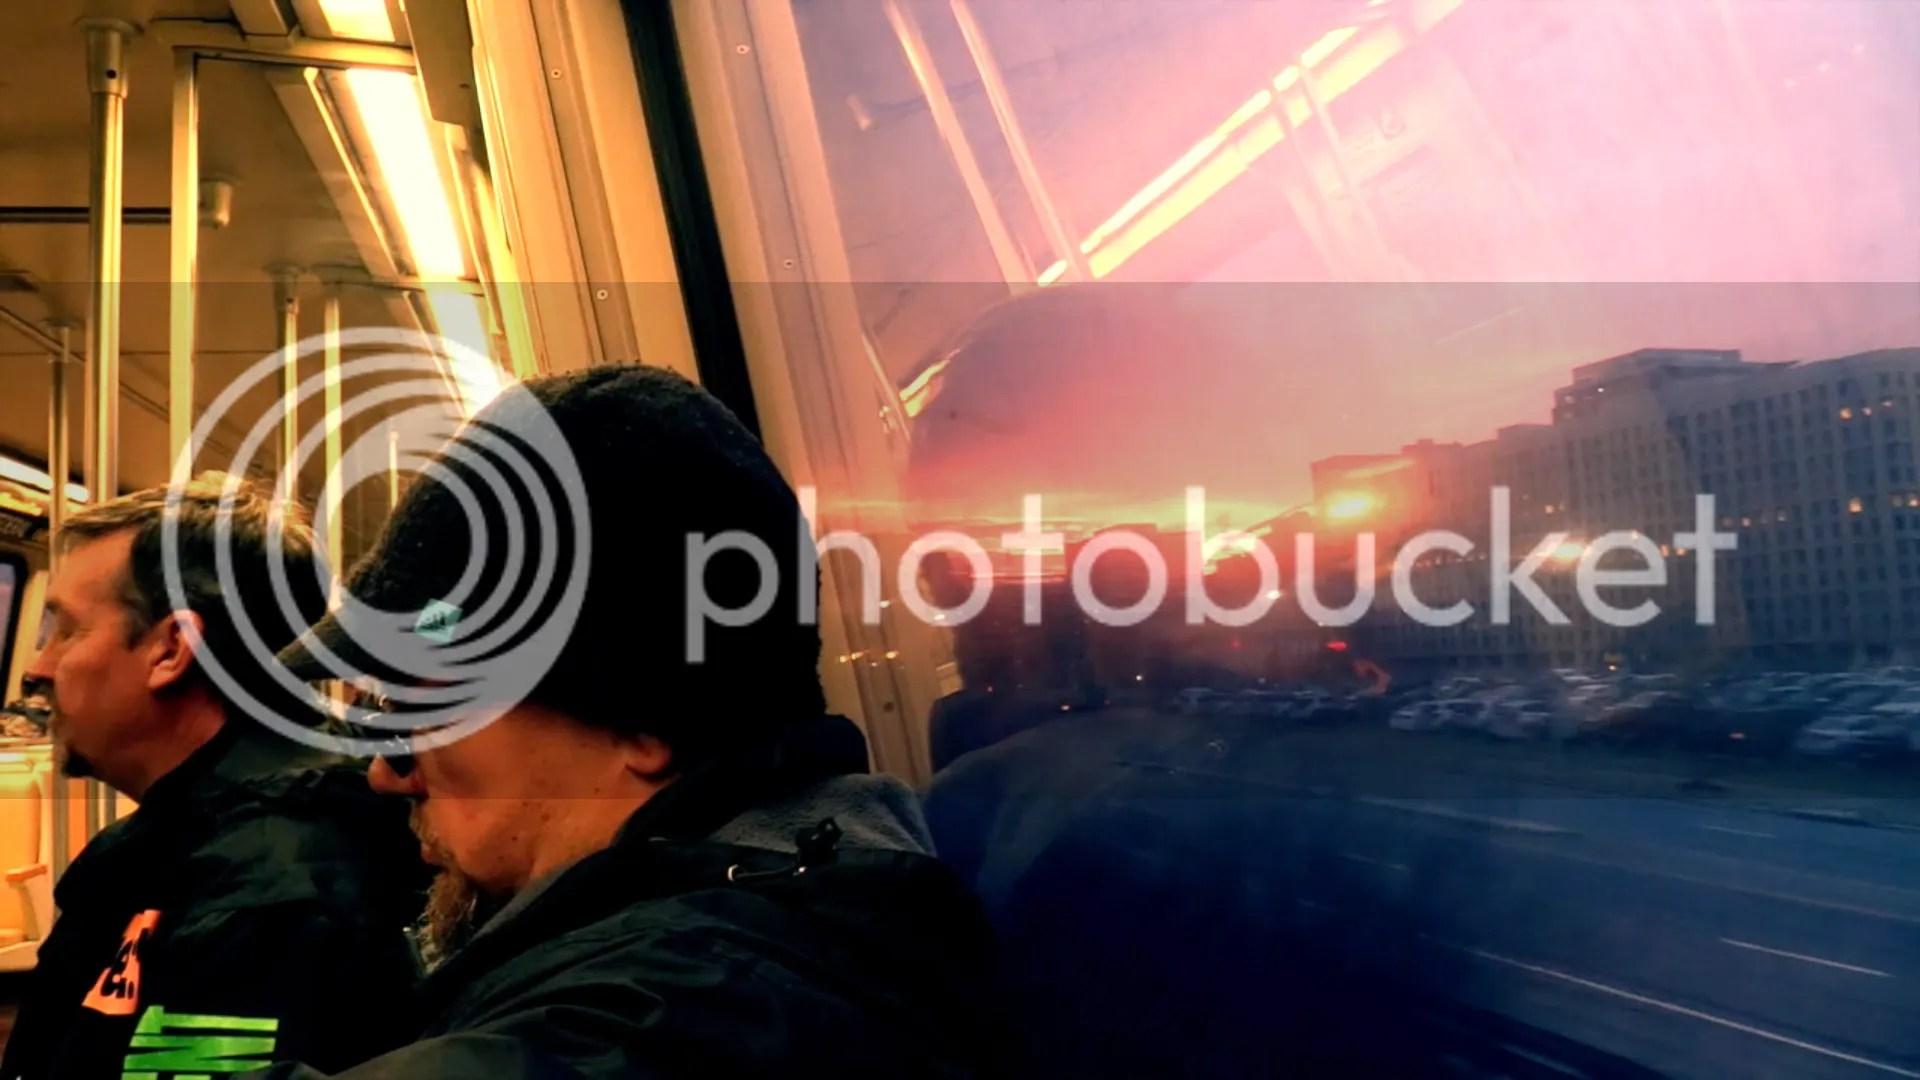 photo Screen Shot 2017-02-03 at 4.10.16 PM_zps5lenhemj.png